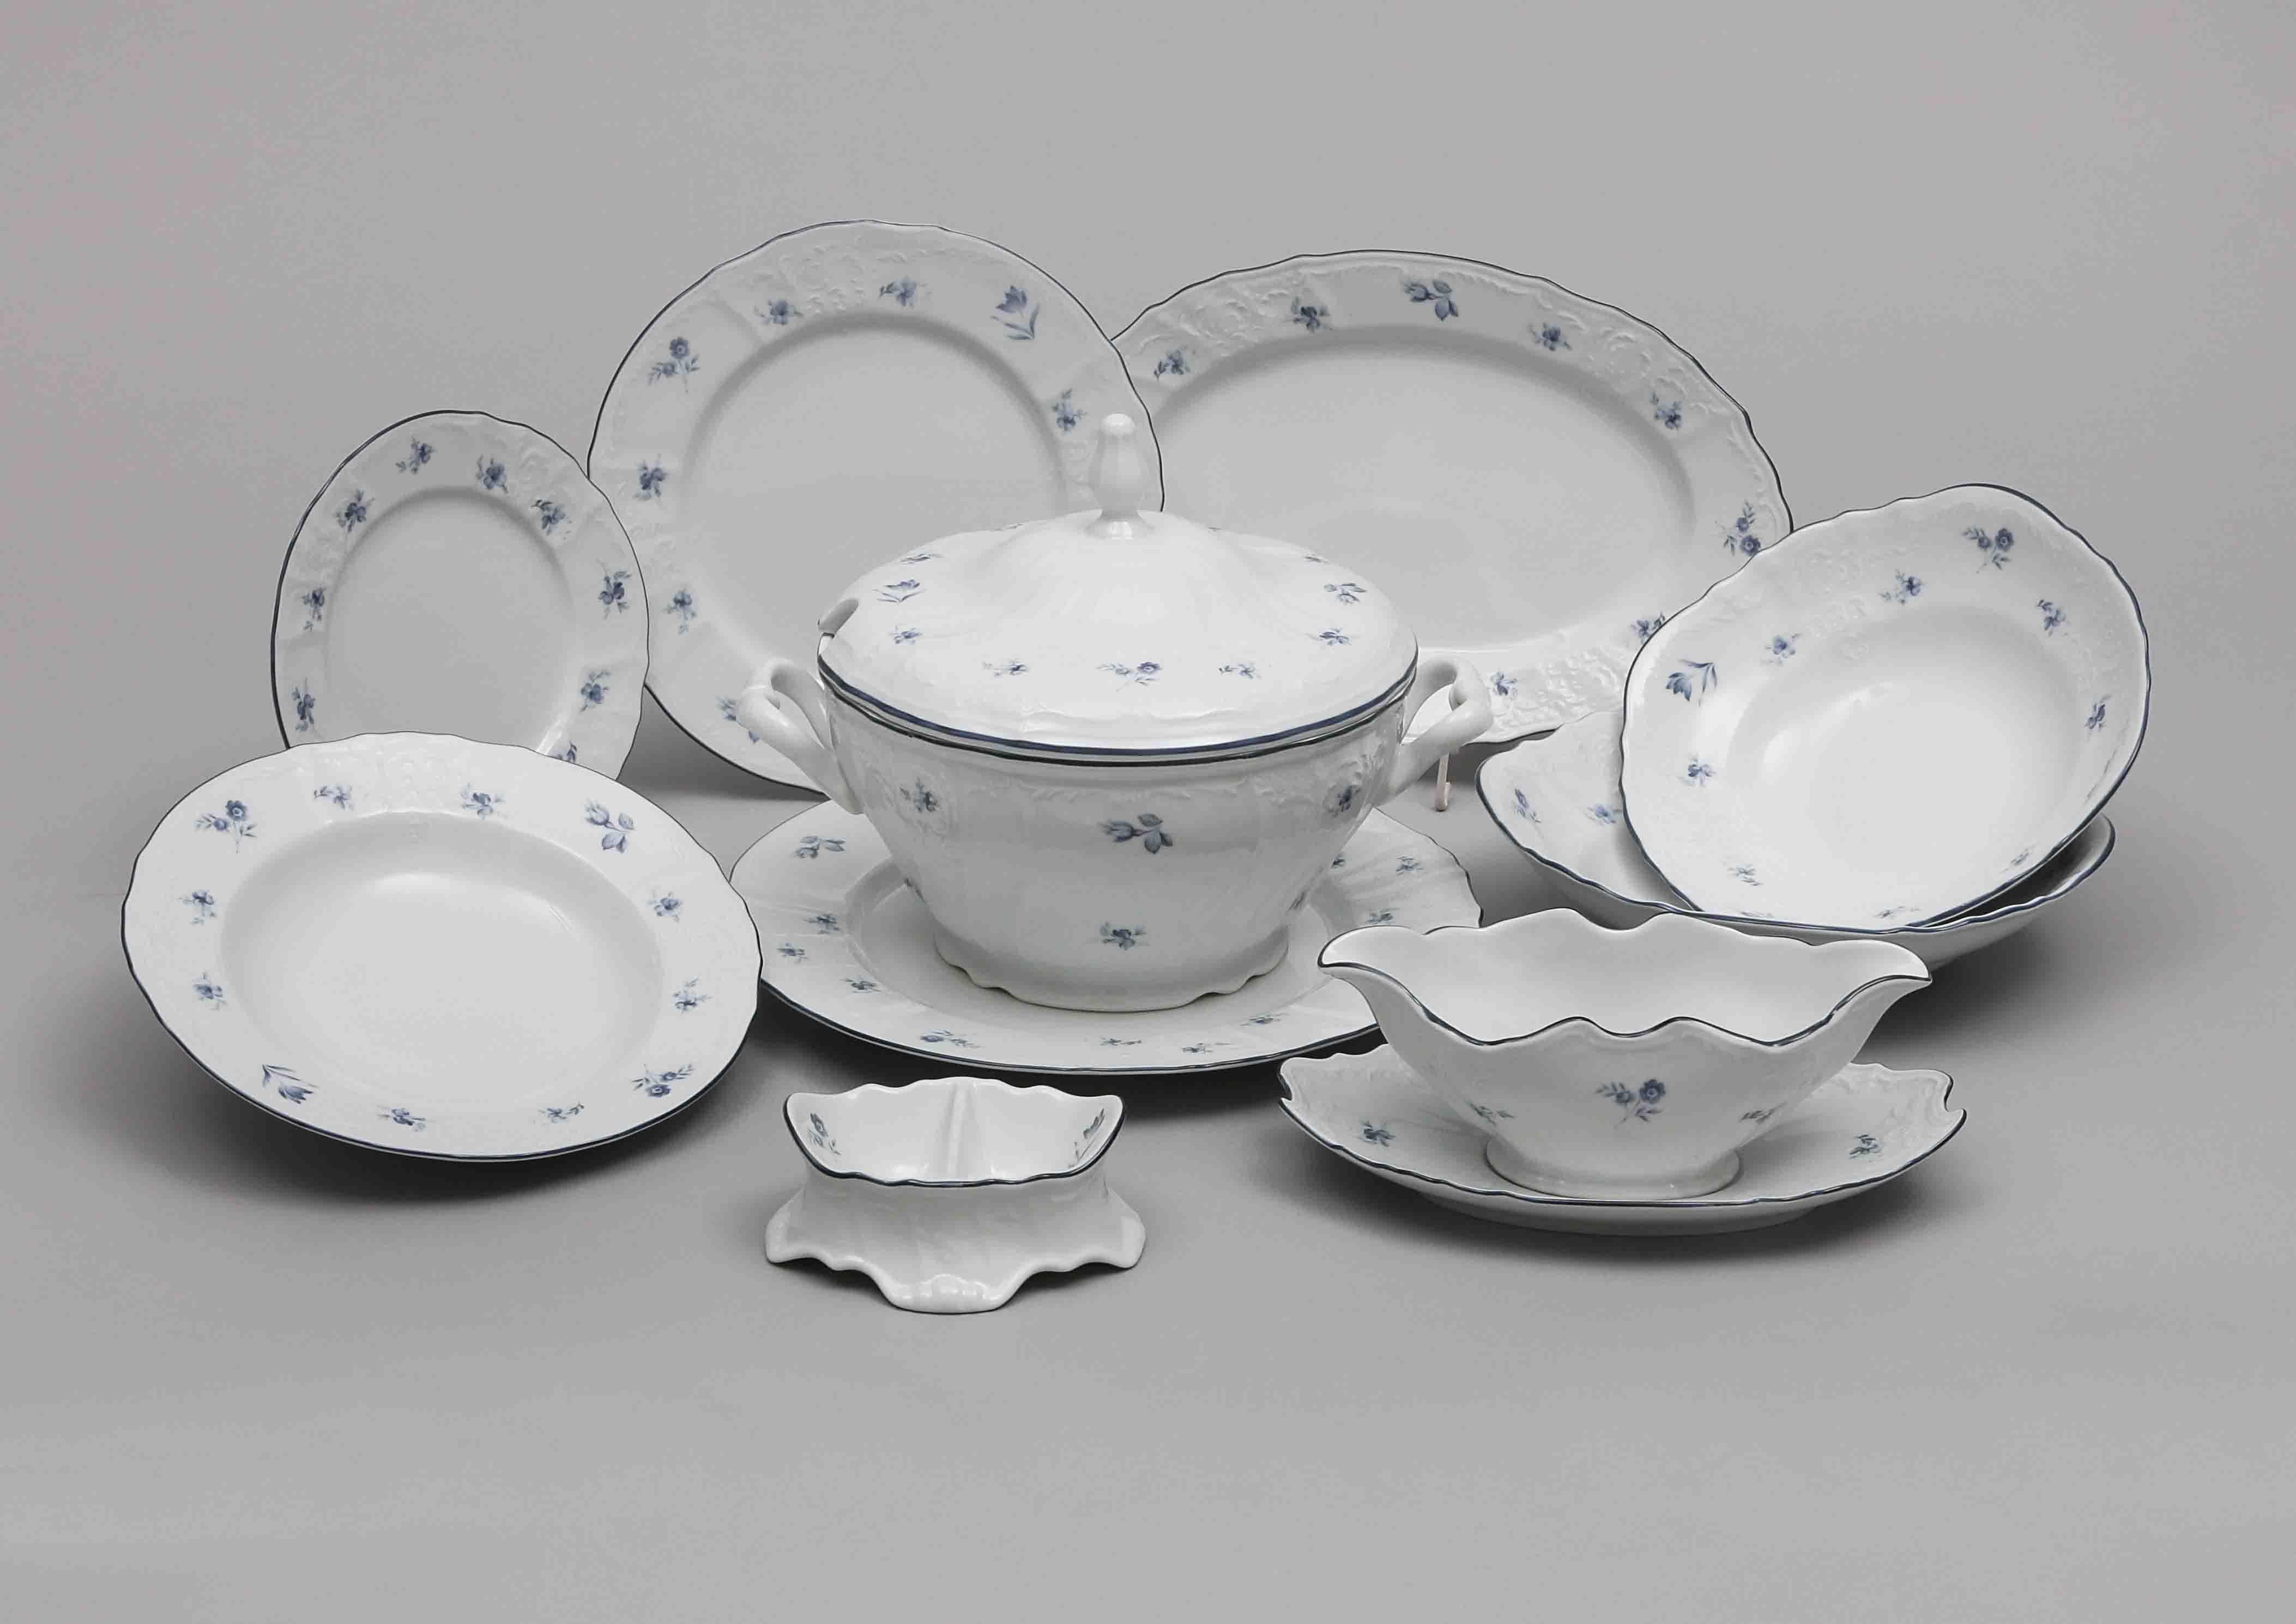 Jídelní souprava Bernadotte, karlovarský porcelán, modré růžičky, Thun, 25 dílná